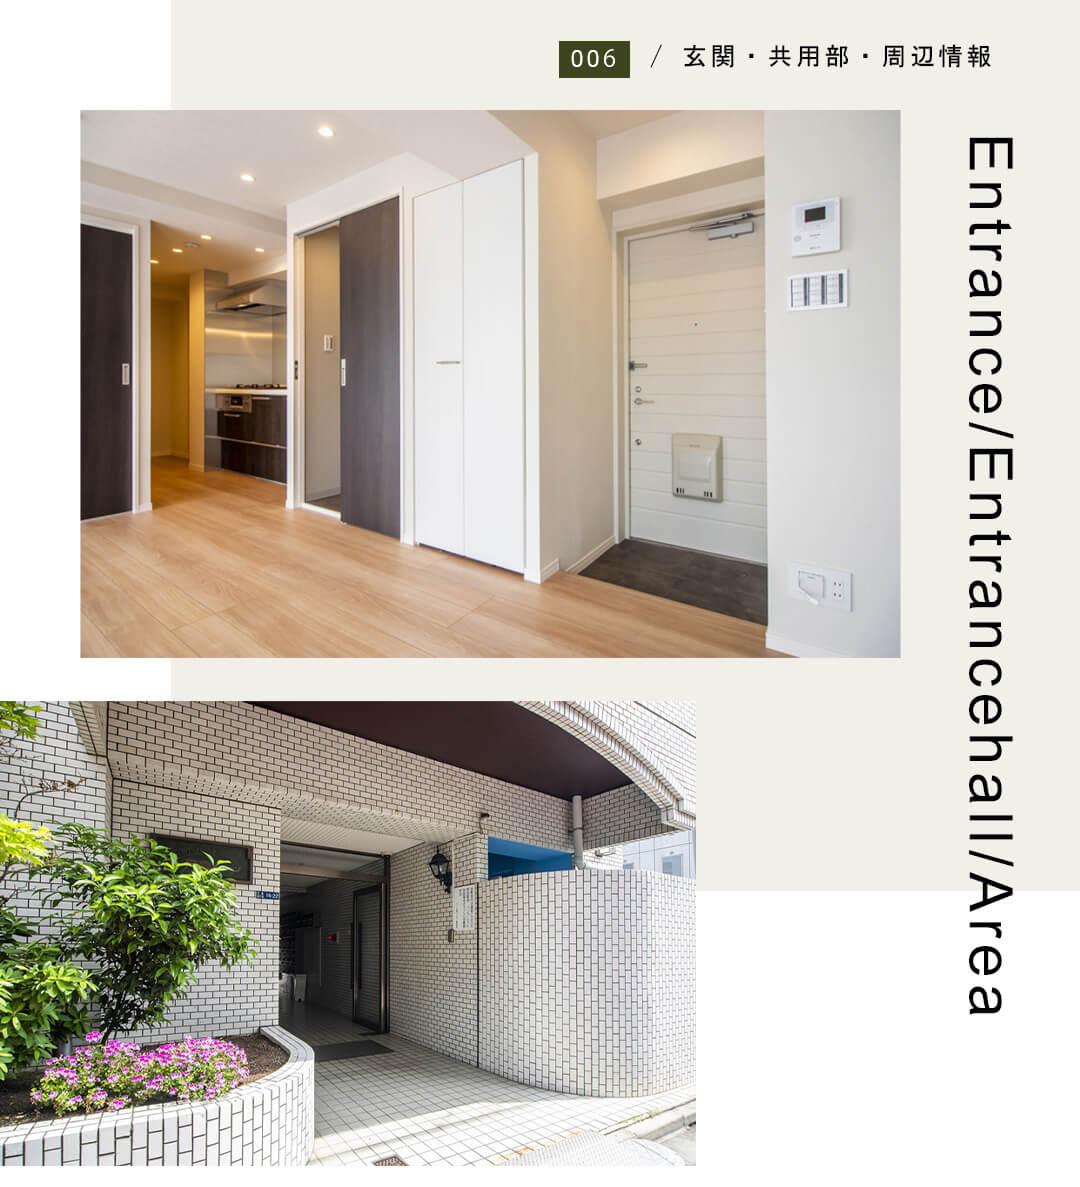 007玄関,共用部,周辺情報,Entrance,Entrancehall,Area